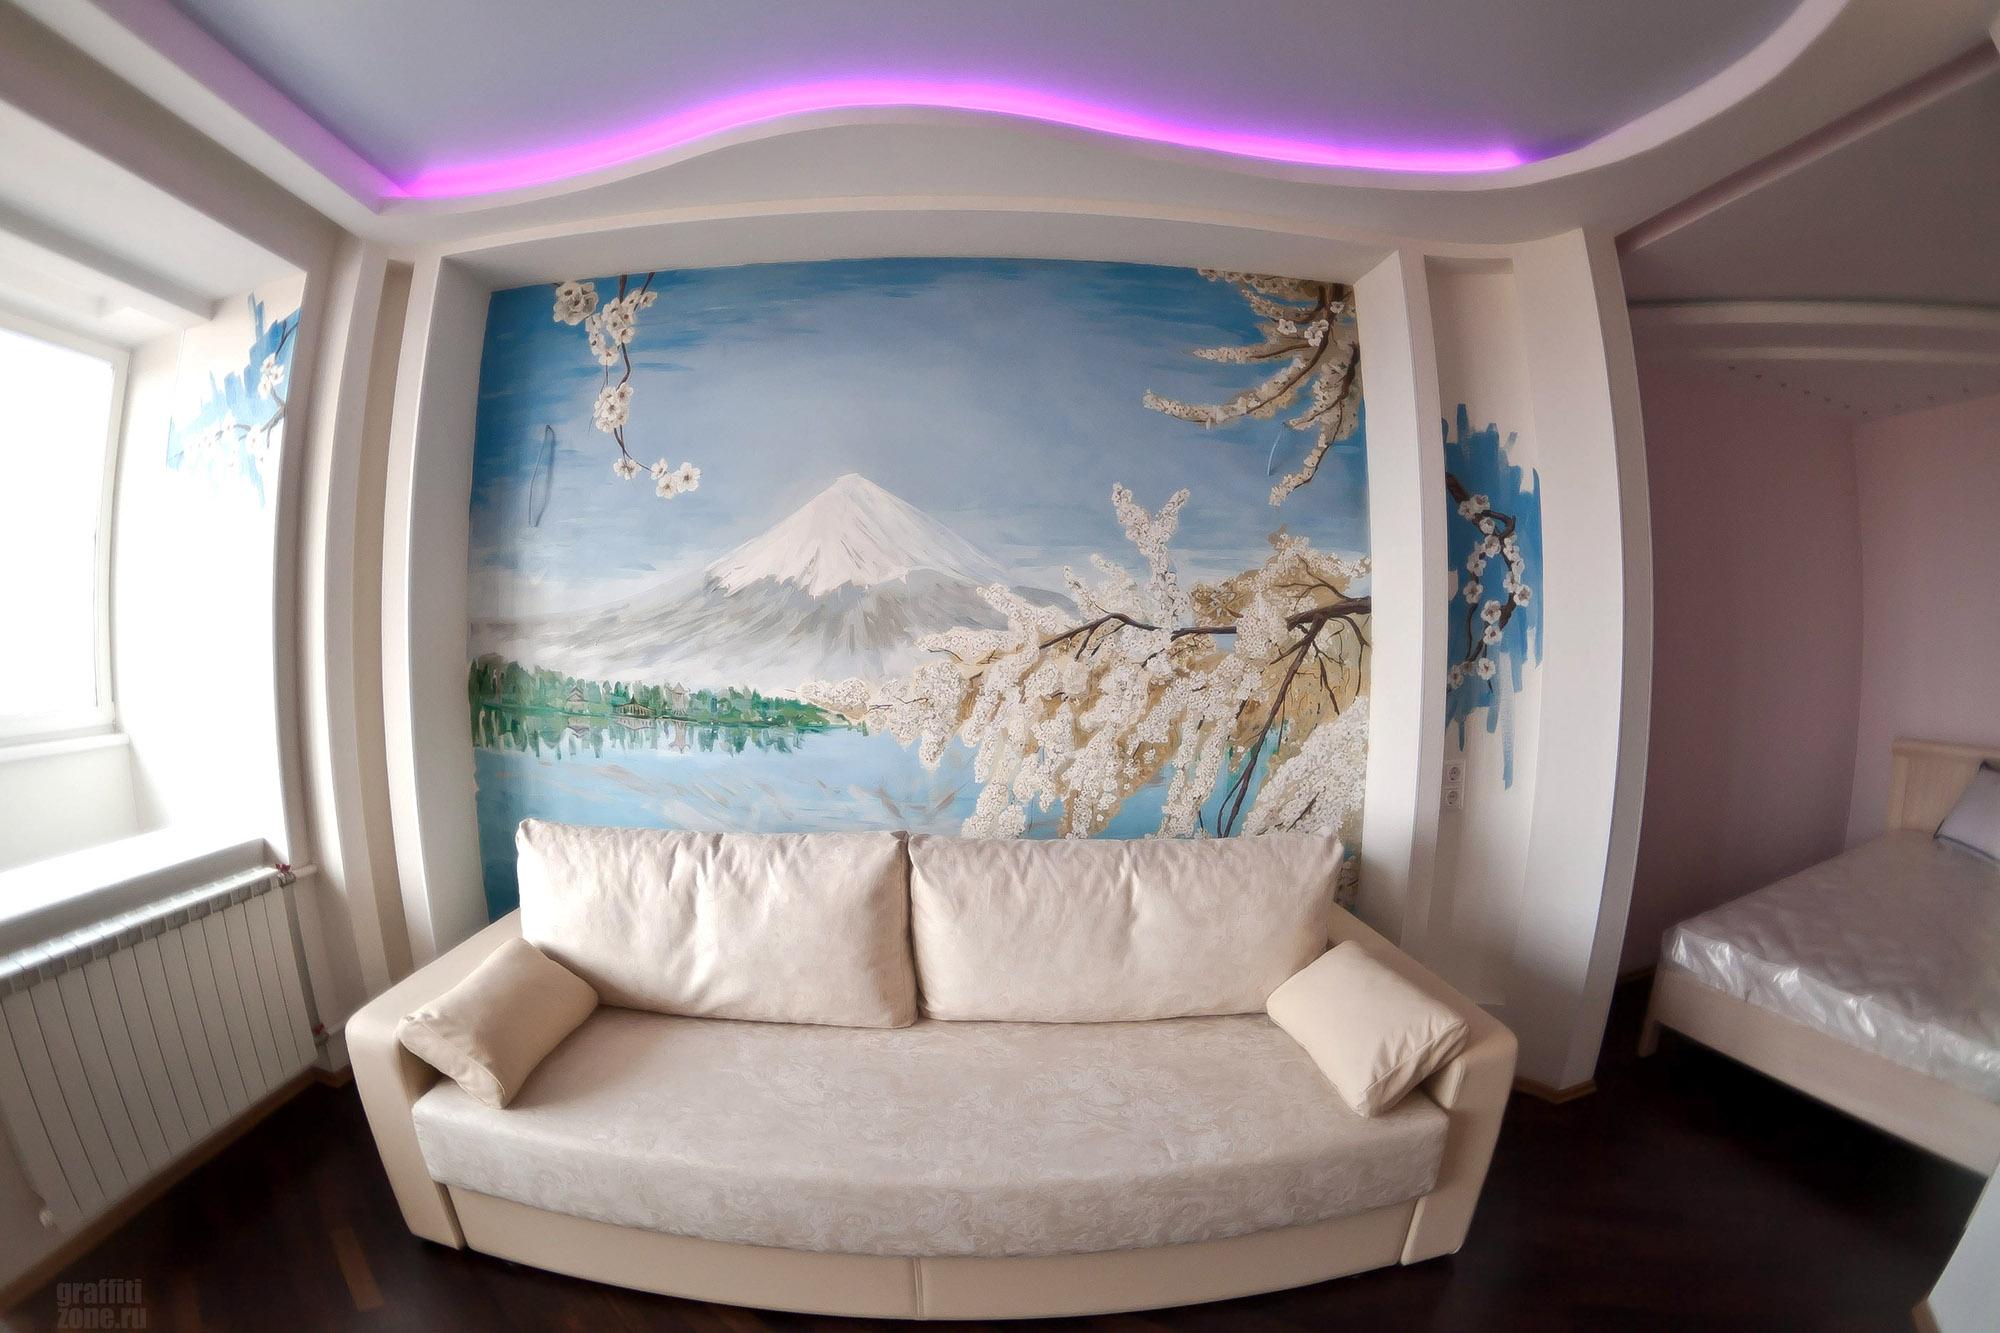 Красивый рисунок горной местности и сакуры в интерьере